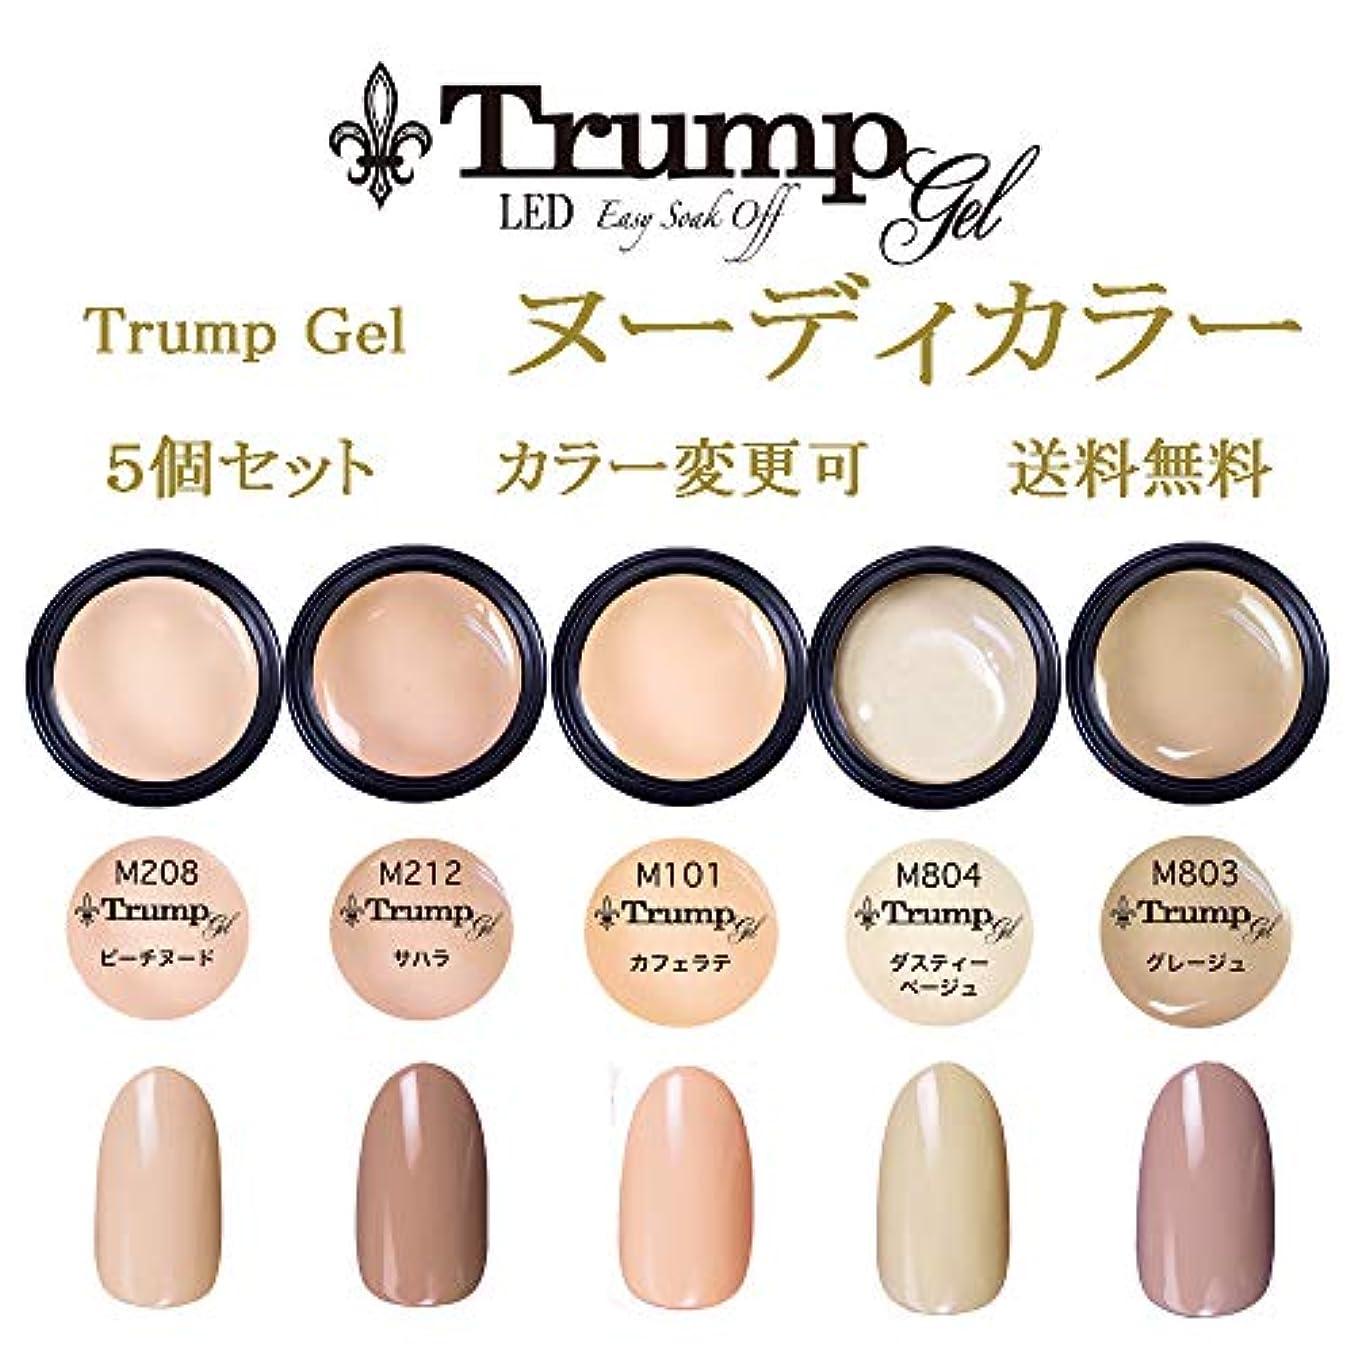 罰多くの危険がある状況爬虫類日本製 Trump gel トランプジェル ヌーディカラー 選べる カラージェル 5個セット ベージュ ブラウン ピンク